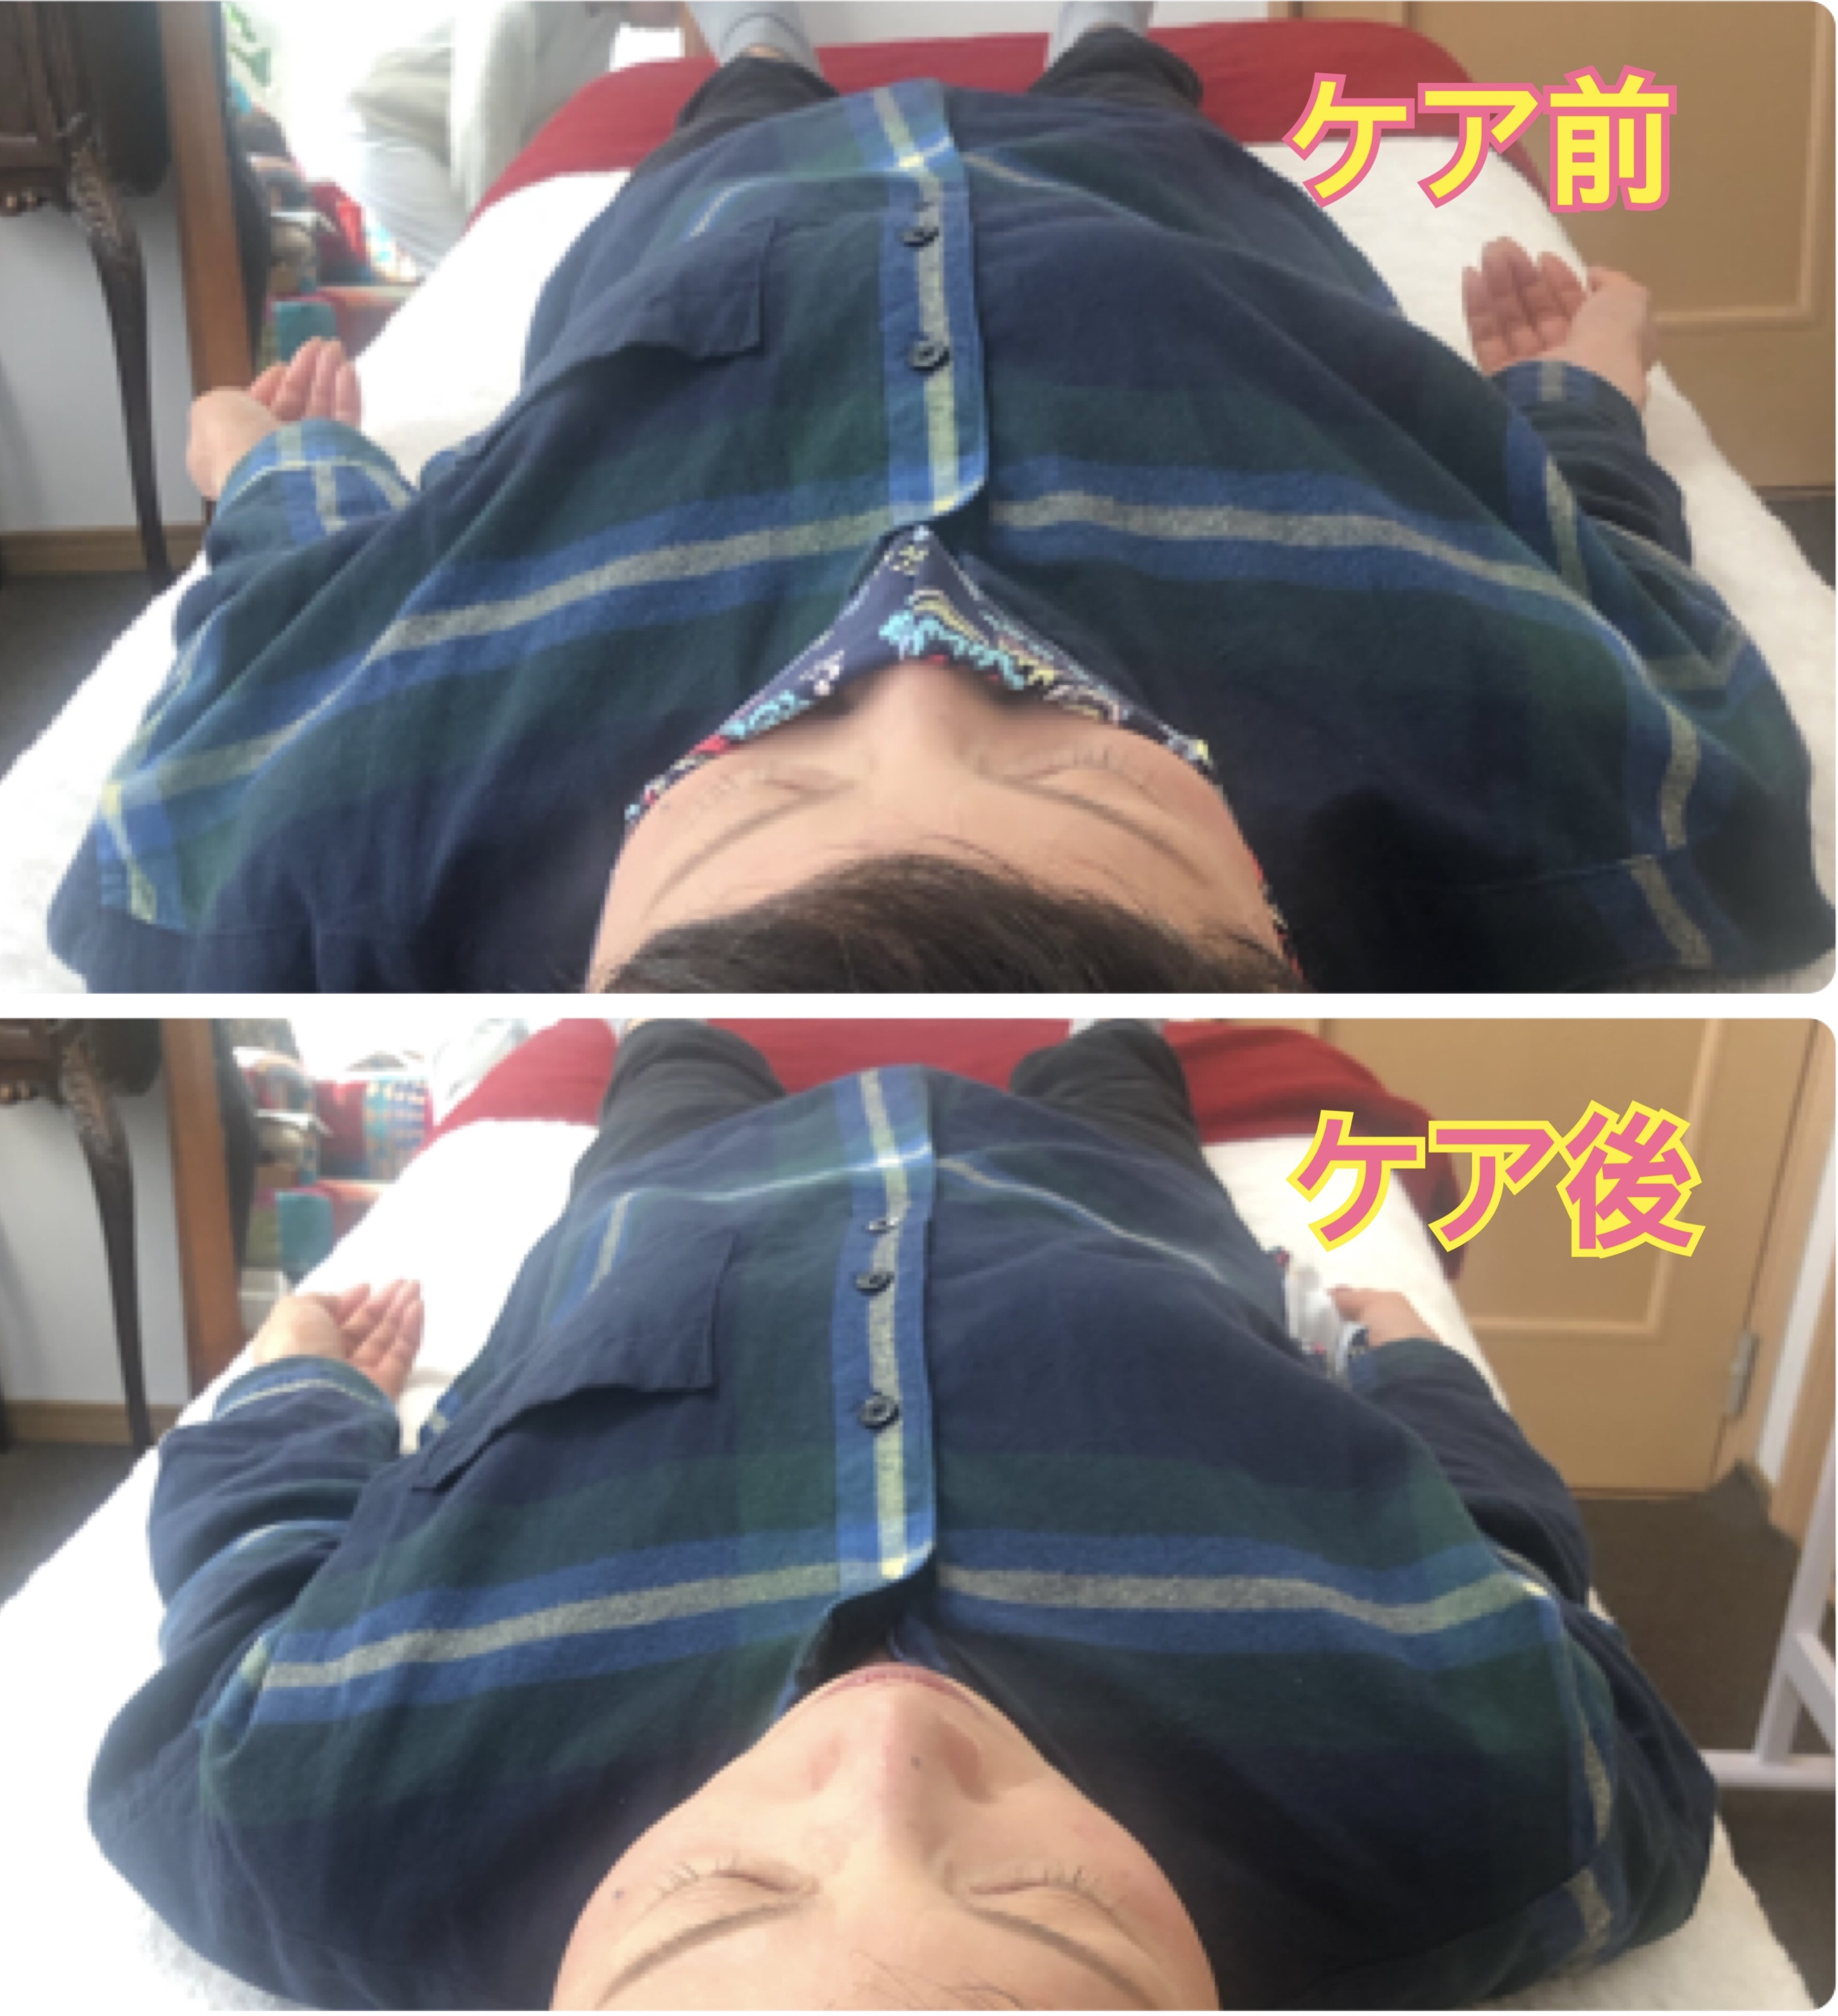 全身リンパケア 60分 肩こり・猫背・巻肩・腰痛・頭痛・眼精疲労・冷え・むくみ・リフトアップ・バストアップ・ヒップアップ・しわ・たるみのイメージその4